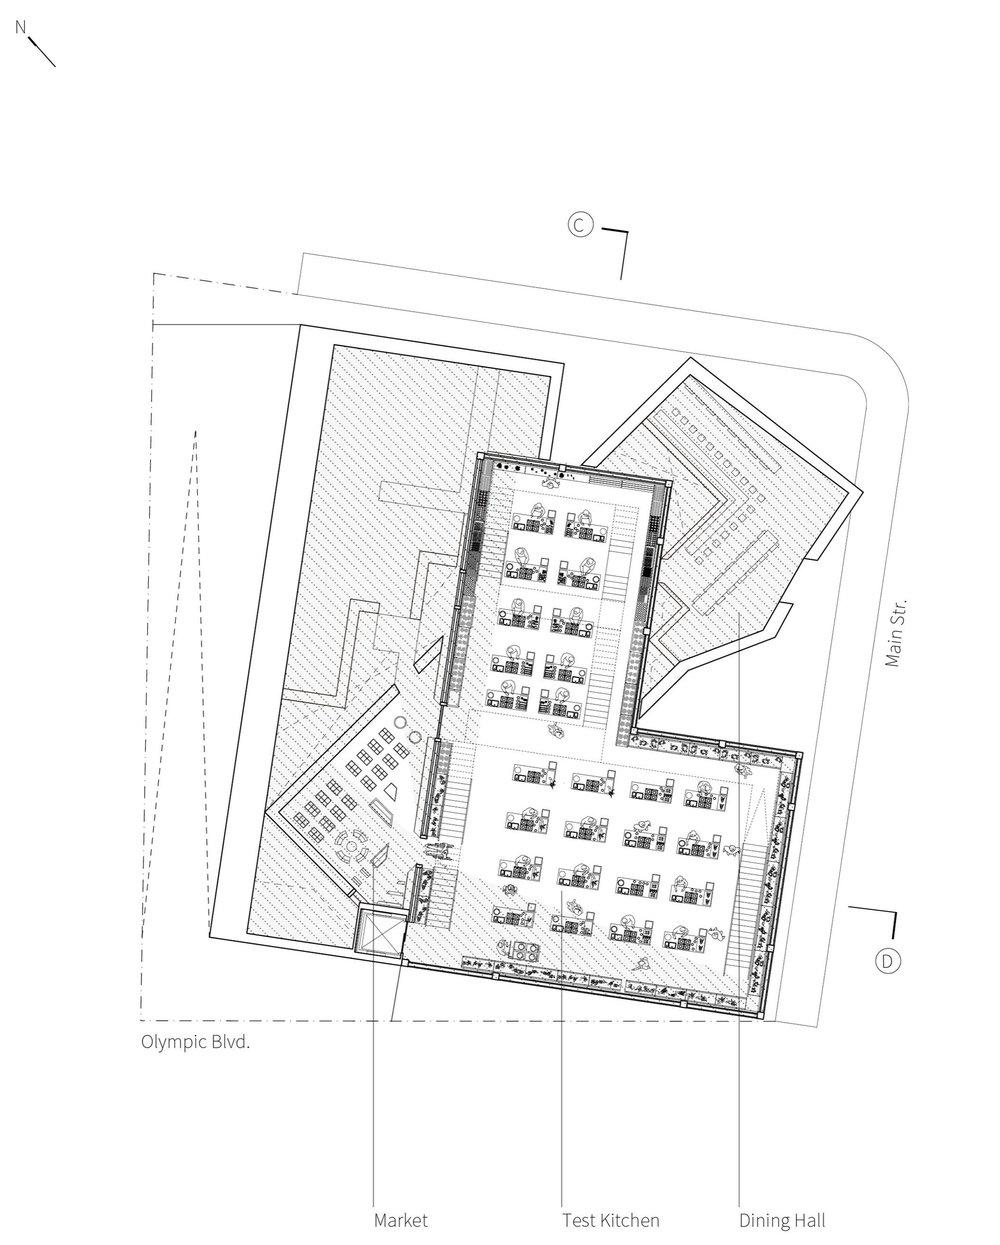 Test Kitchen Floor Plan